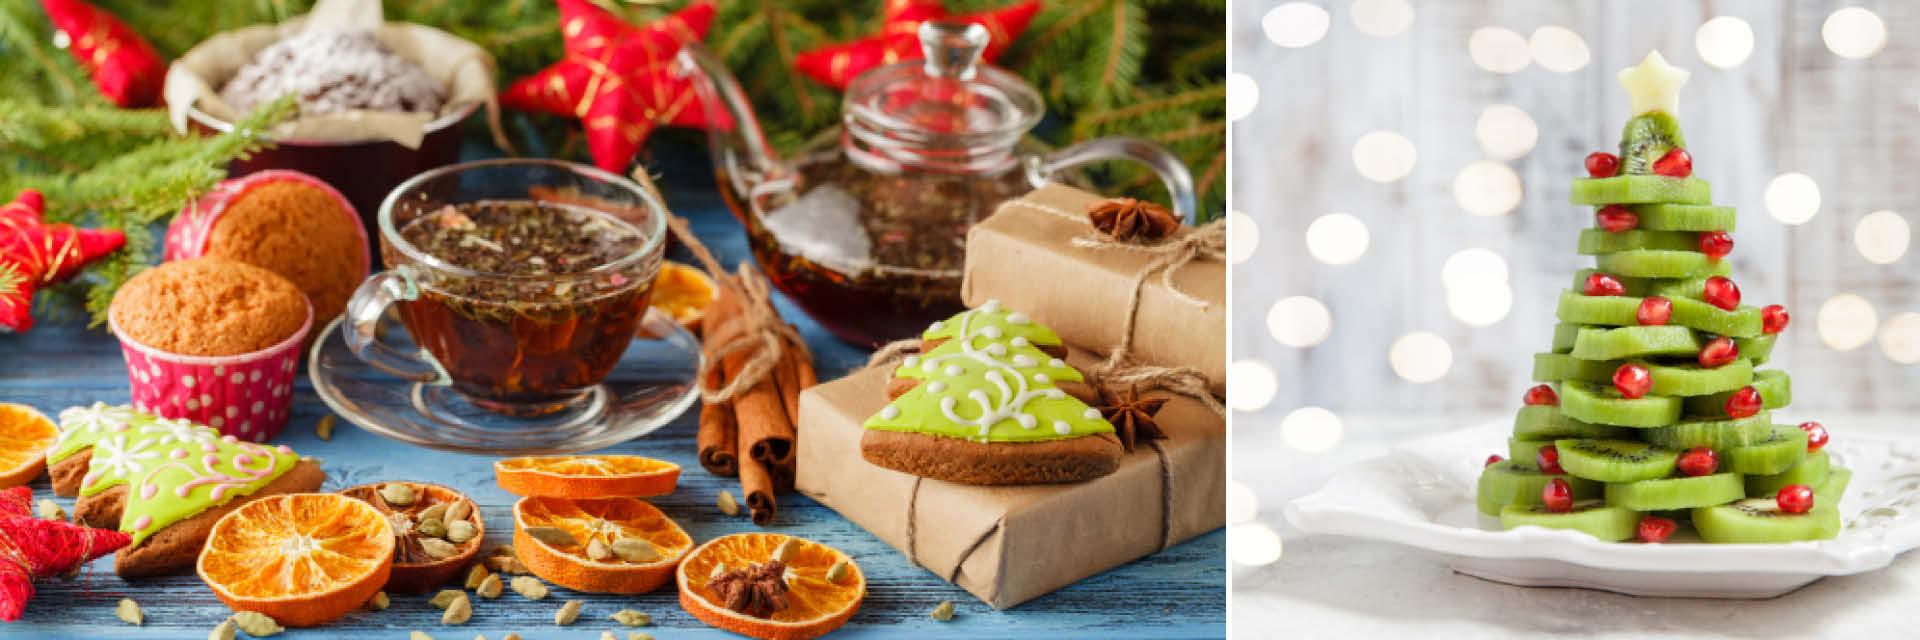 Einzelne Christbaumkugeln.Ein Weihnachtsferientag Zuhause Mit Den Kindern